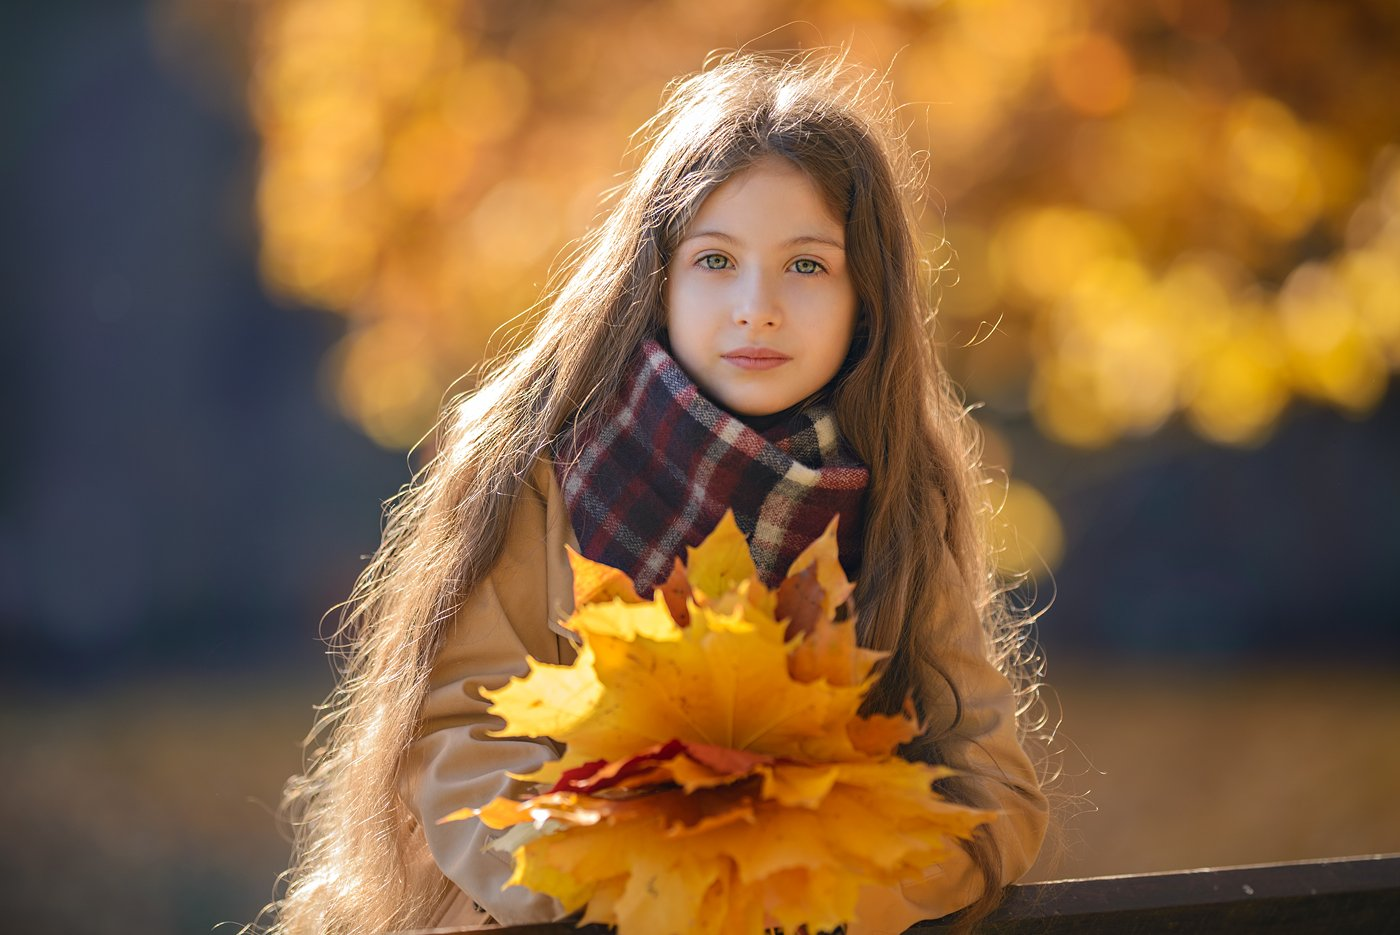 осень, осенний портрет, Смирнова Наталья